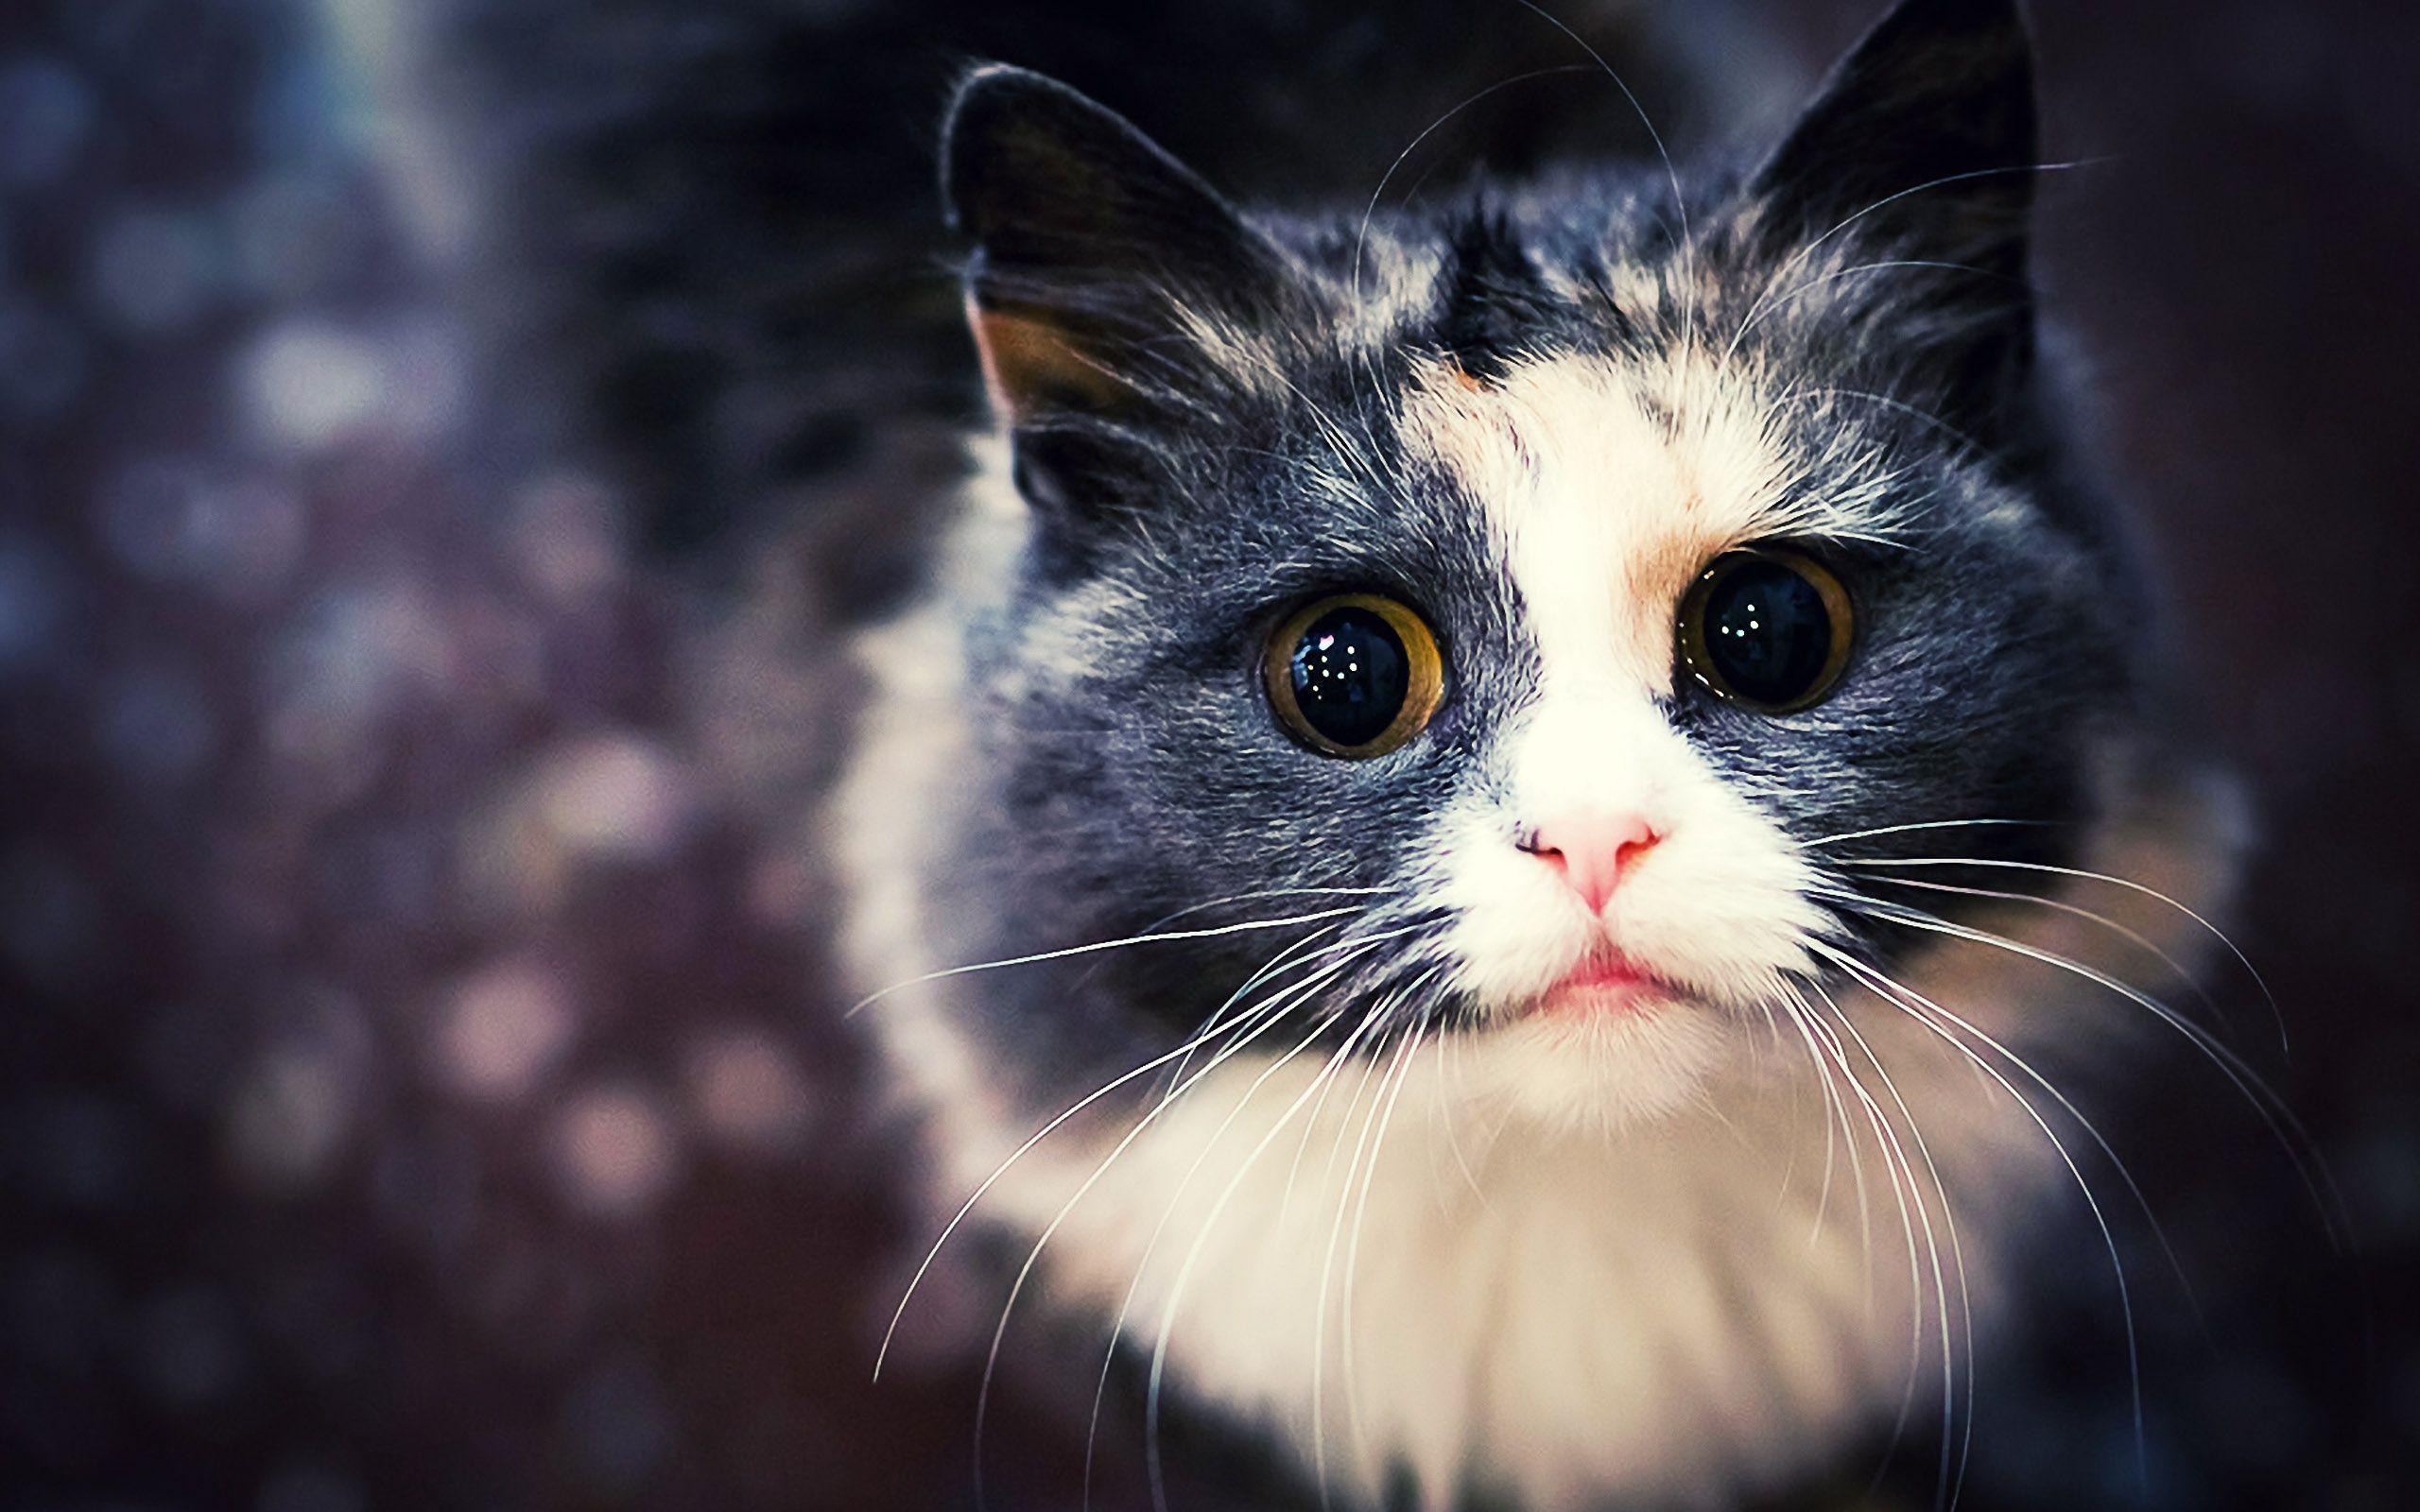 Tumblr Cute Cat Desktop Wallpapers Top Free Tumblr Cute Cat Desktop Backgrounds Wallpaperaccess